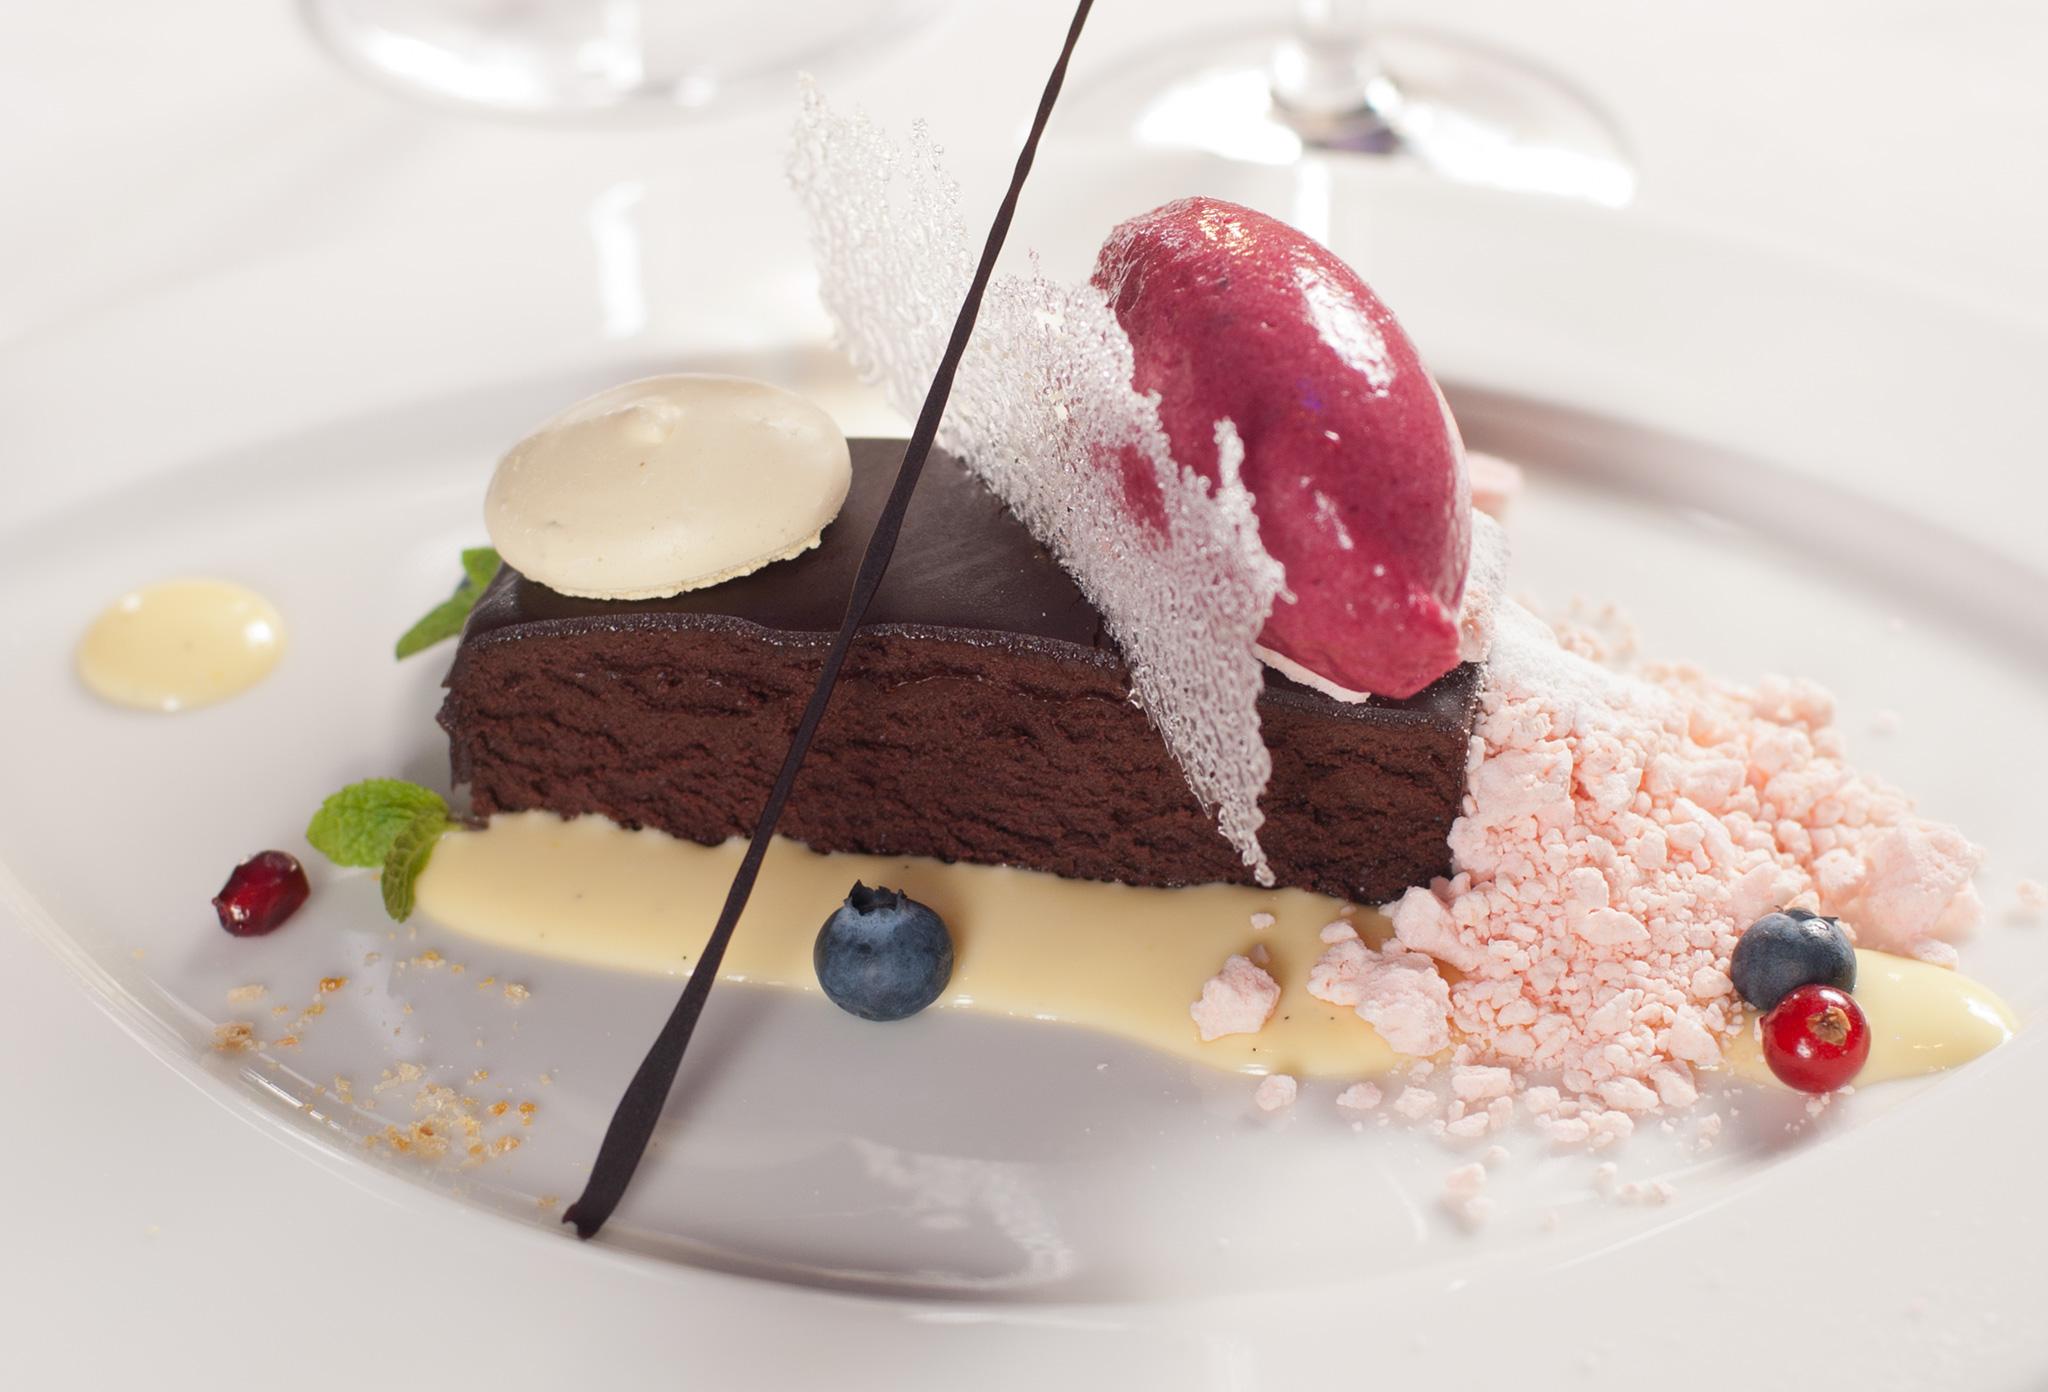 Шоколадные пирожные с кардамоновым соусом